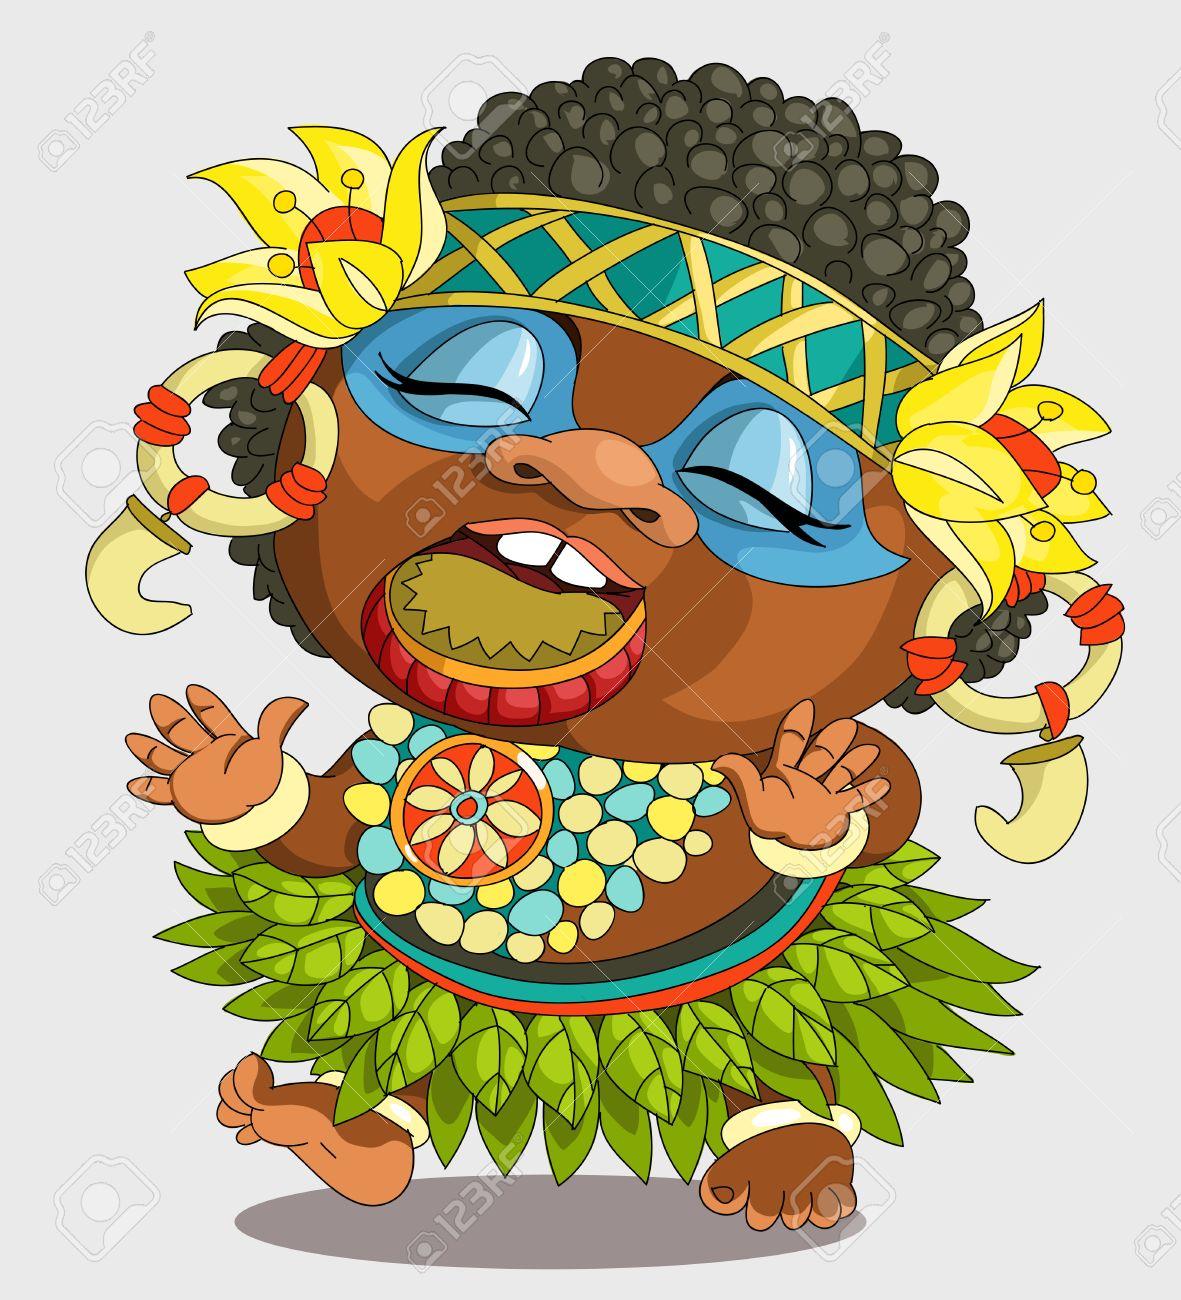 La Caricature Comique Papoue Africaine Drole Dessin Anime Vecteur Bande Dessinee Travesty Personnages Objets Isoles Clip Art Libres De Droits Vecteurs Et Illustration Image 68630378